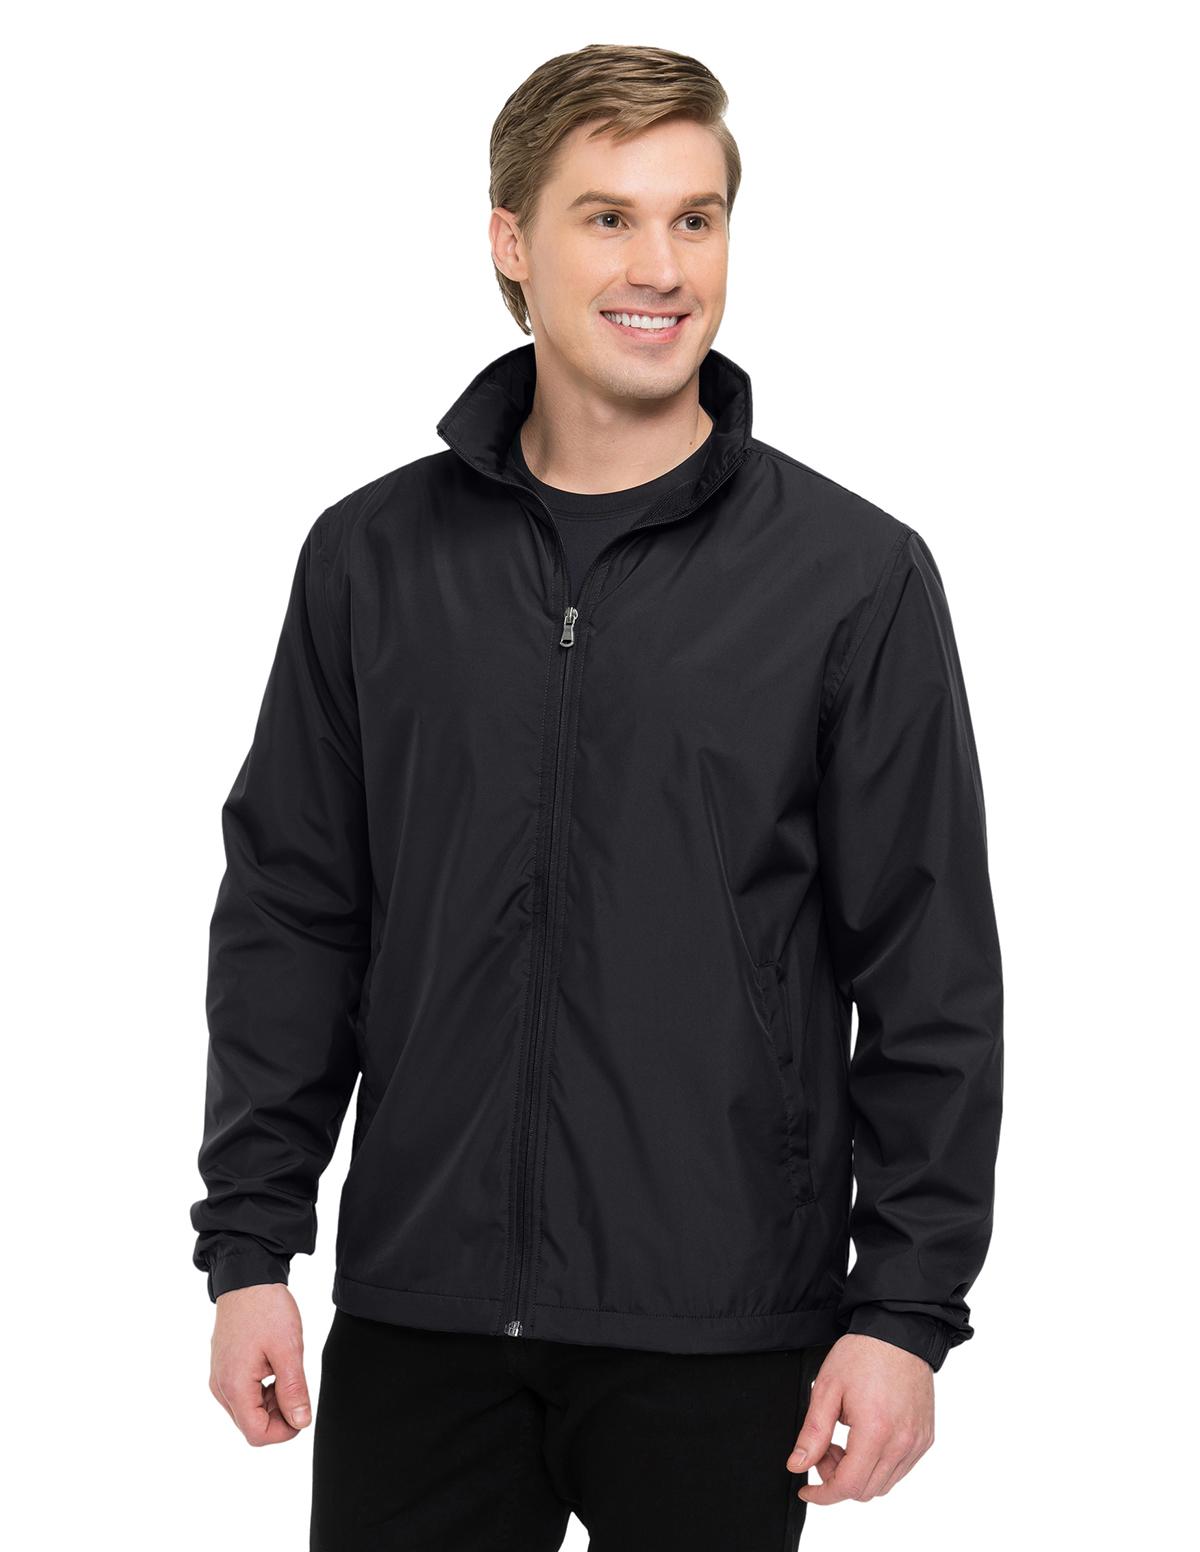 Tri-Mountain J1400 - Vital LWJ Men's 100% Polyester Lightweight Jacket  $20.79 - Men's Outerwear